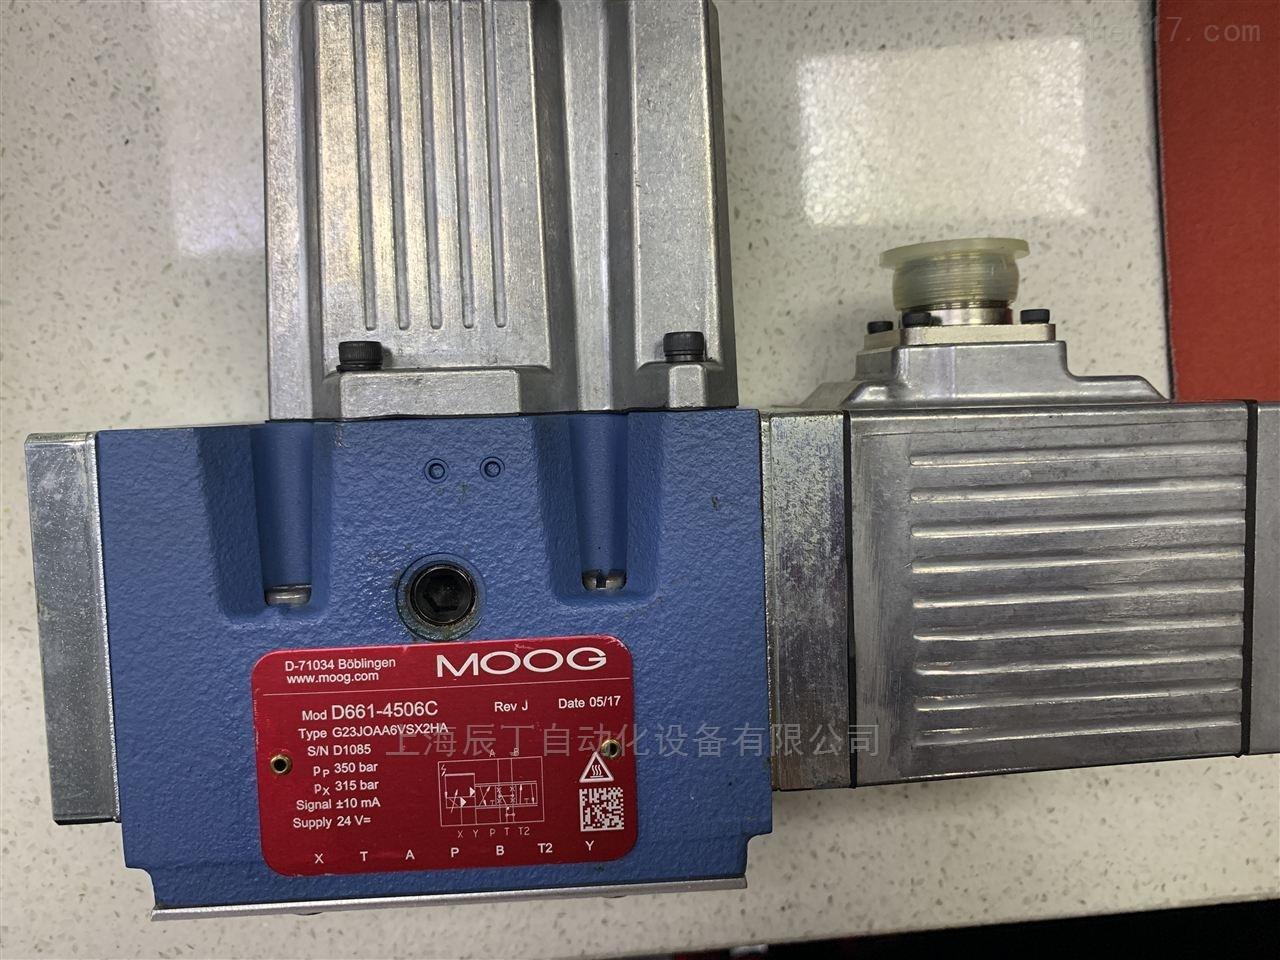 穆格MOOG伺服阀D634-319C上海代理现货